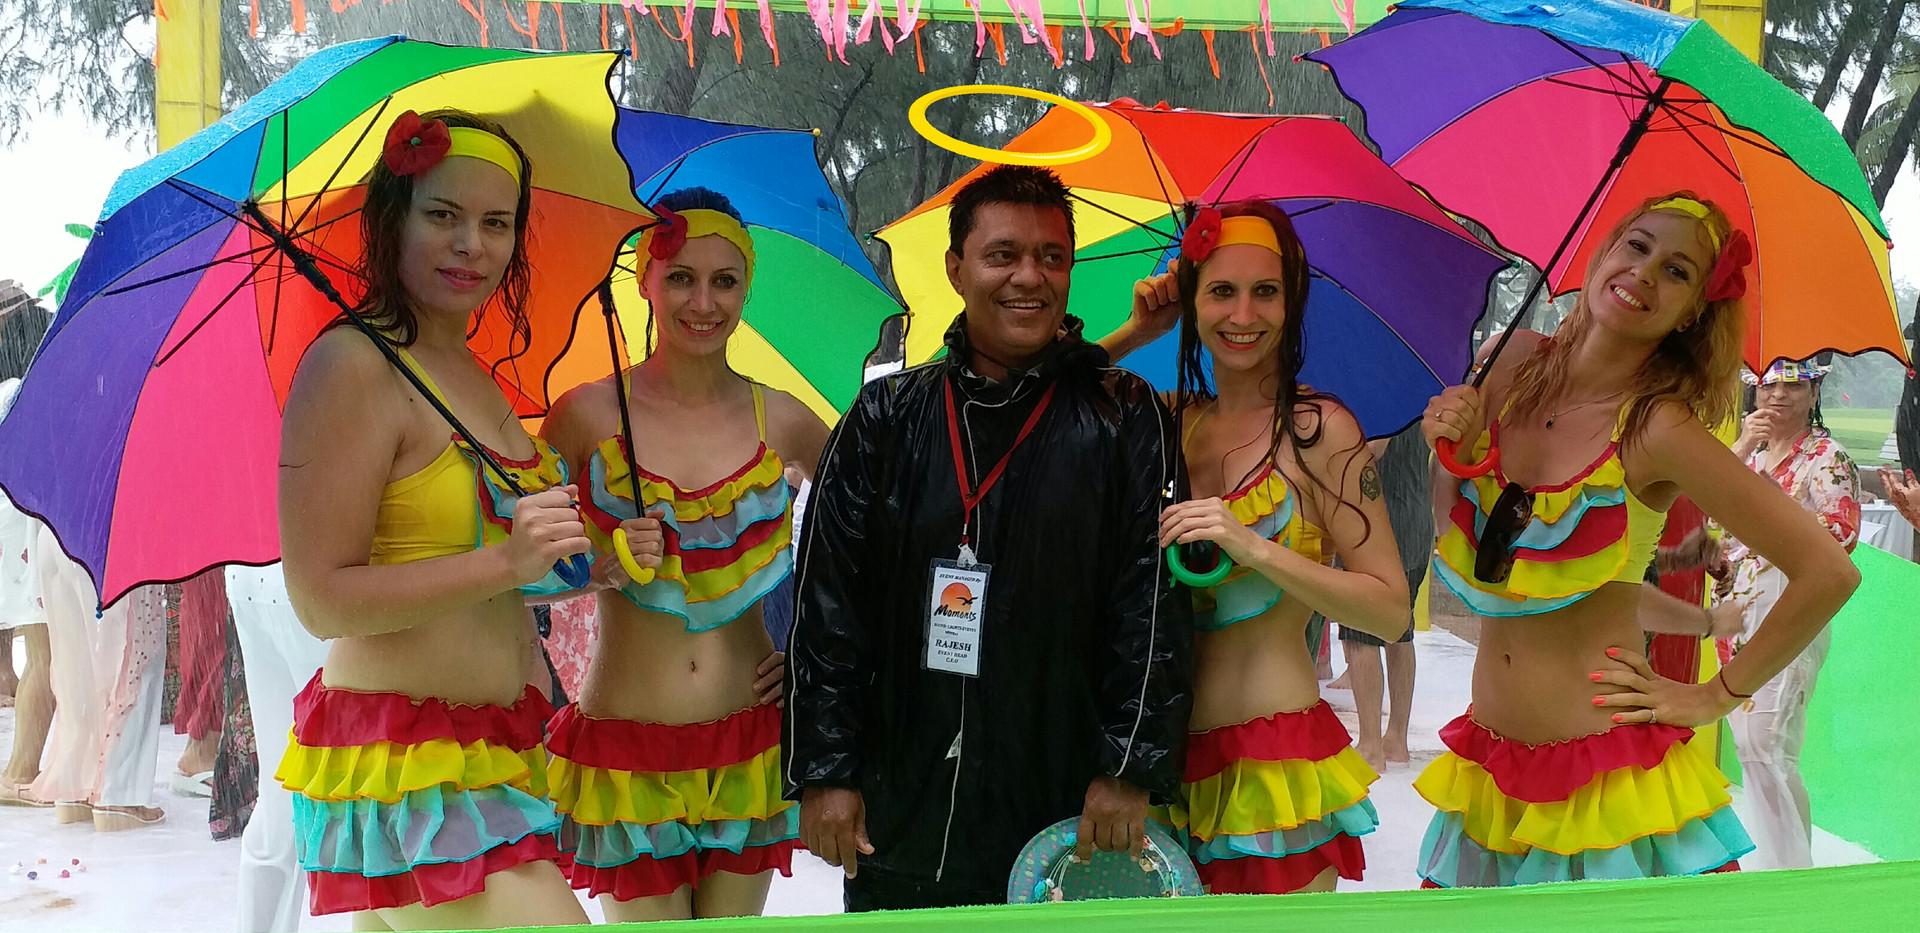 Hot Rain Dancers